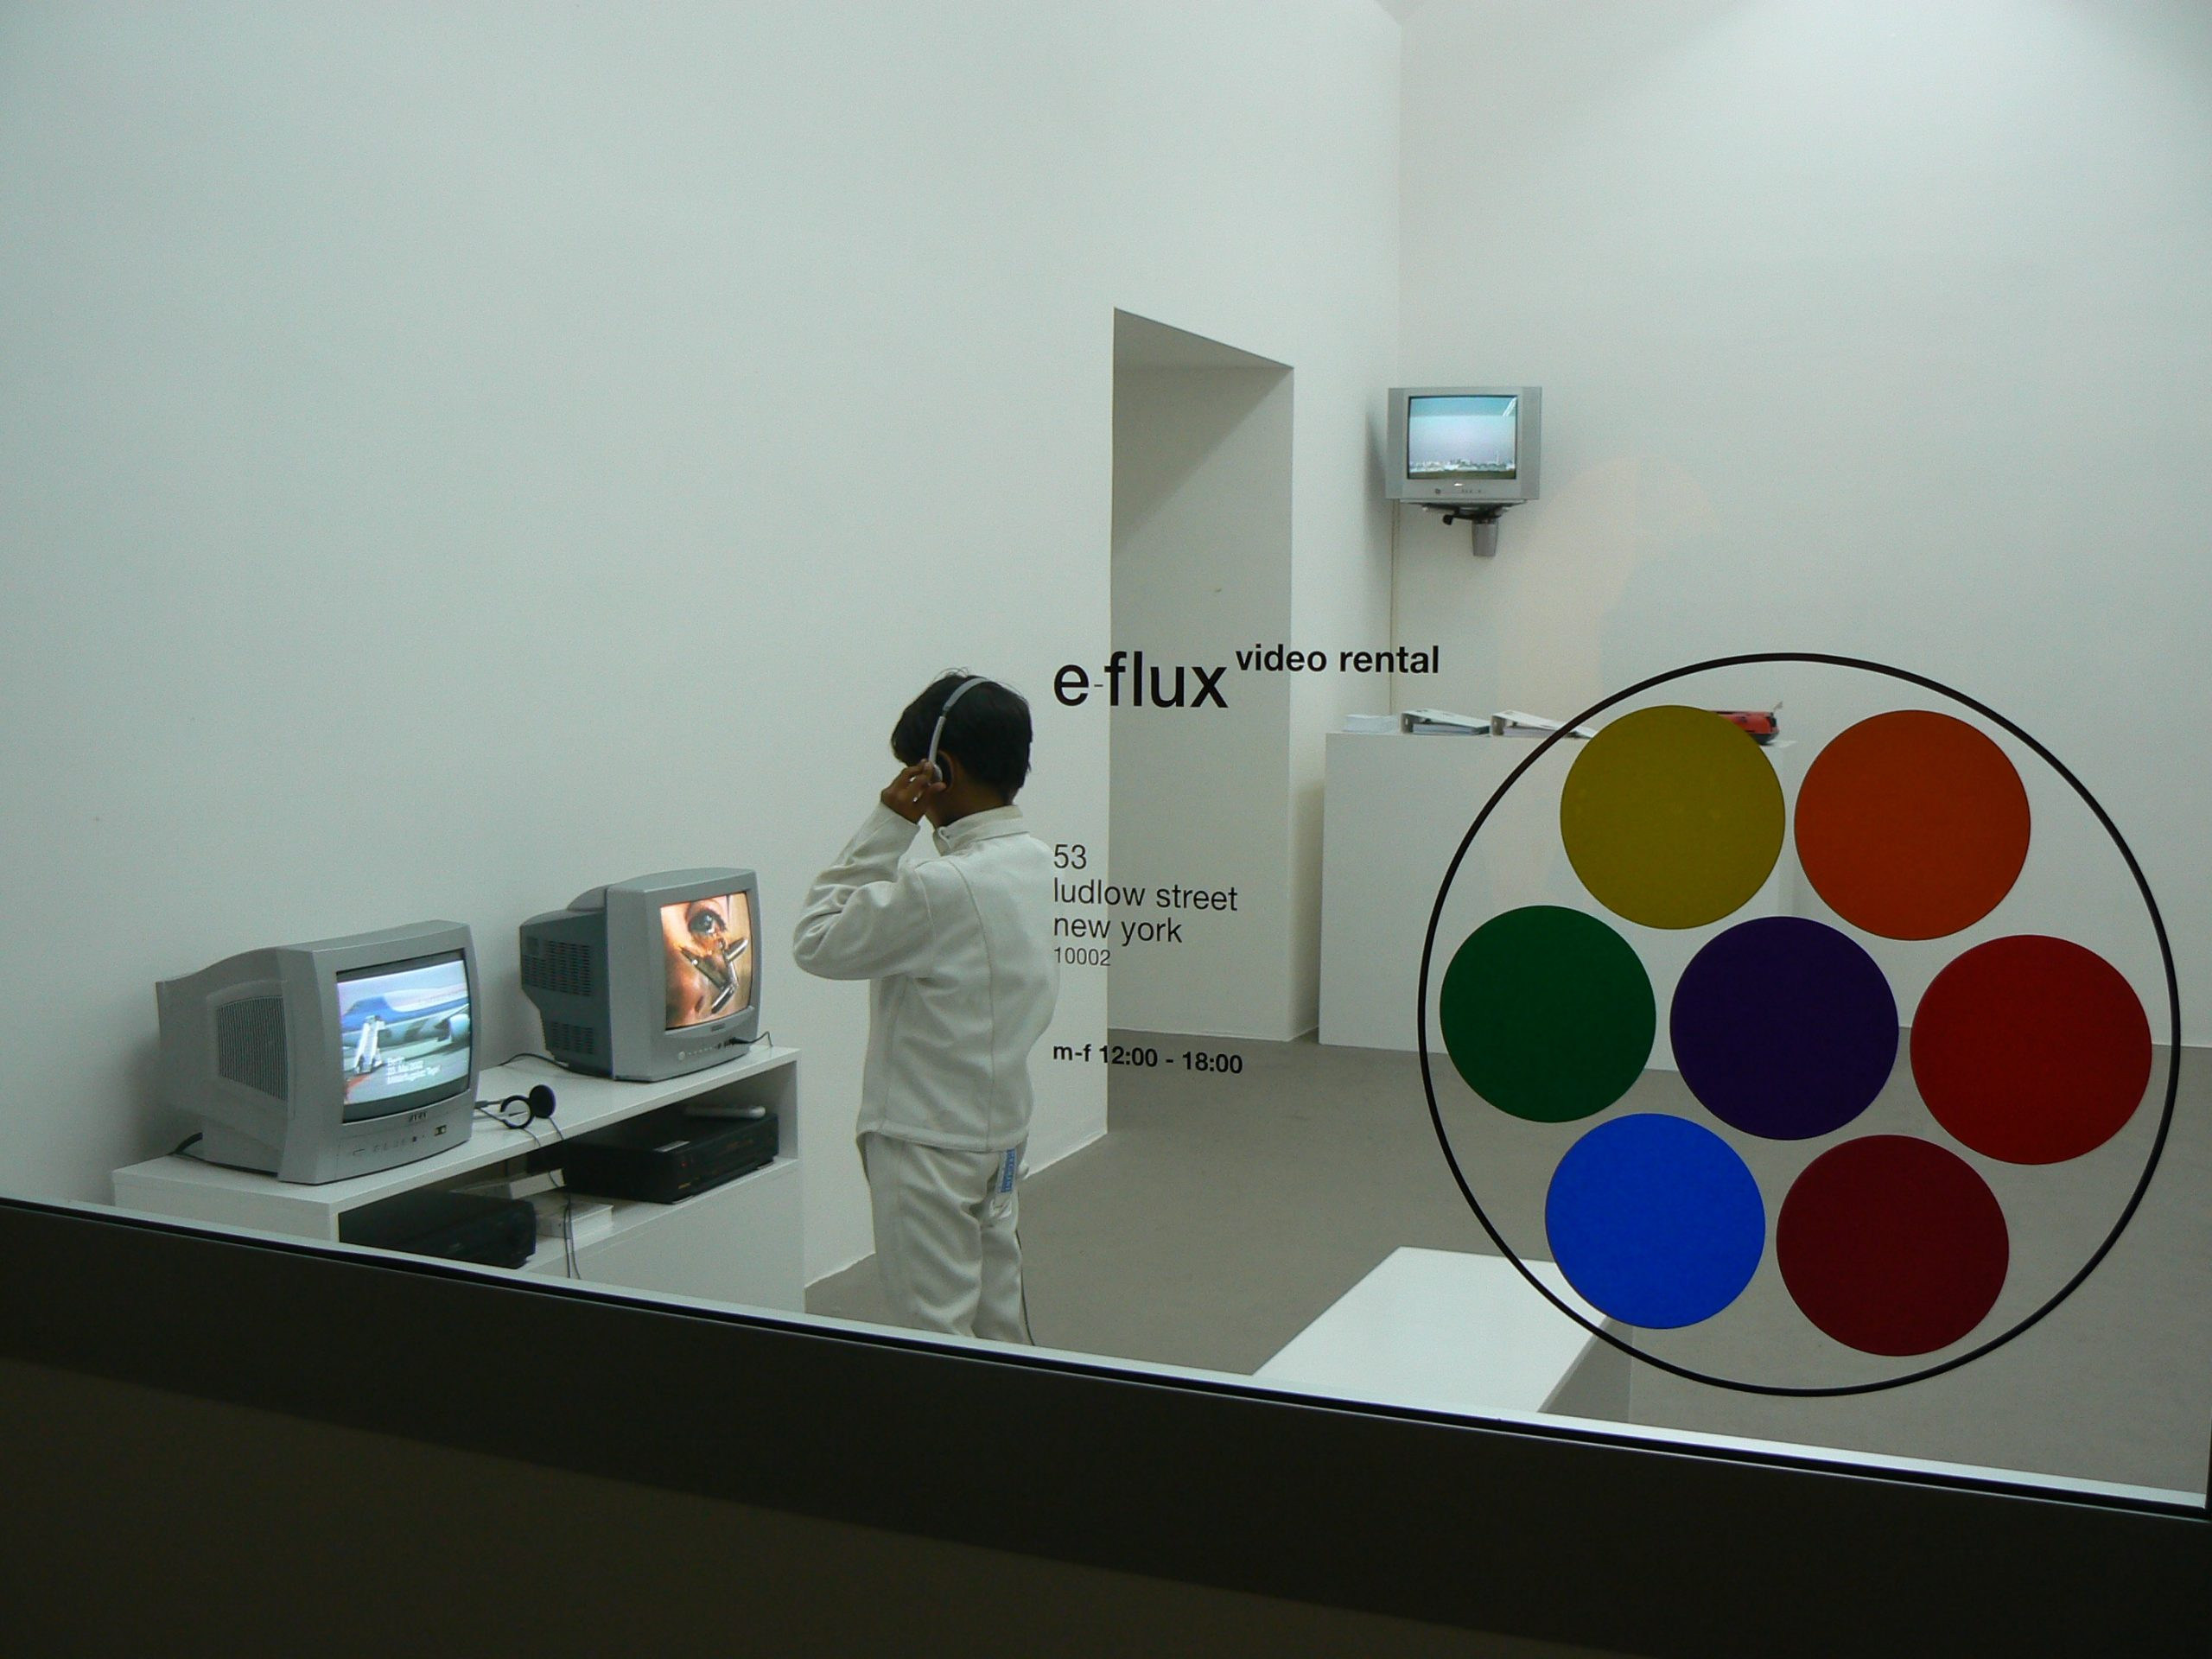 e-flux video rental, Anton Vidokle & Julieta Aranda Fondazione Giuliani, Roma, 2010, veduta dell'installazione, particolare